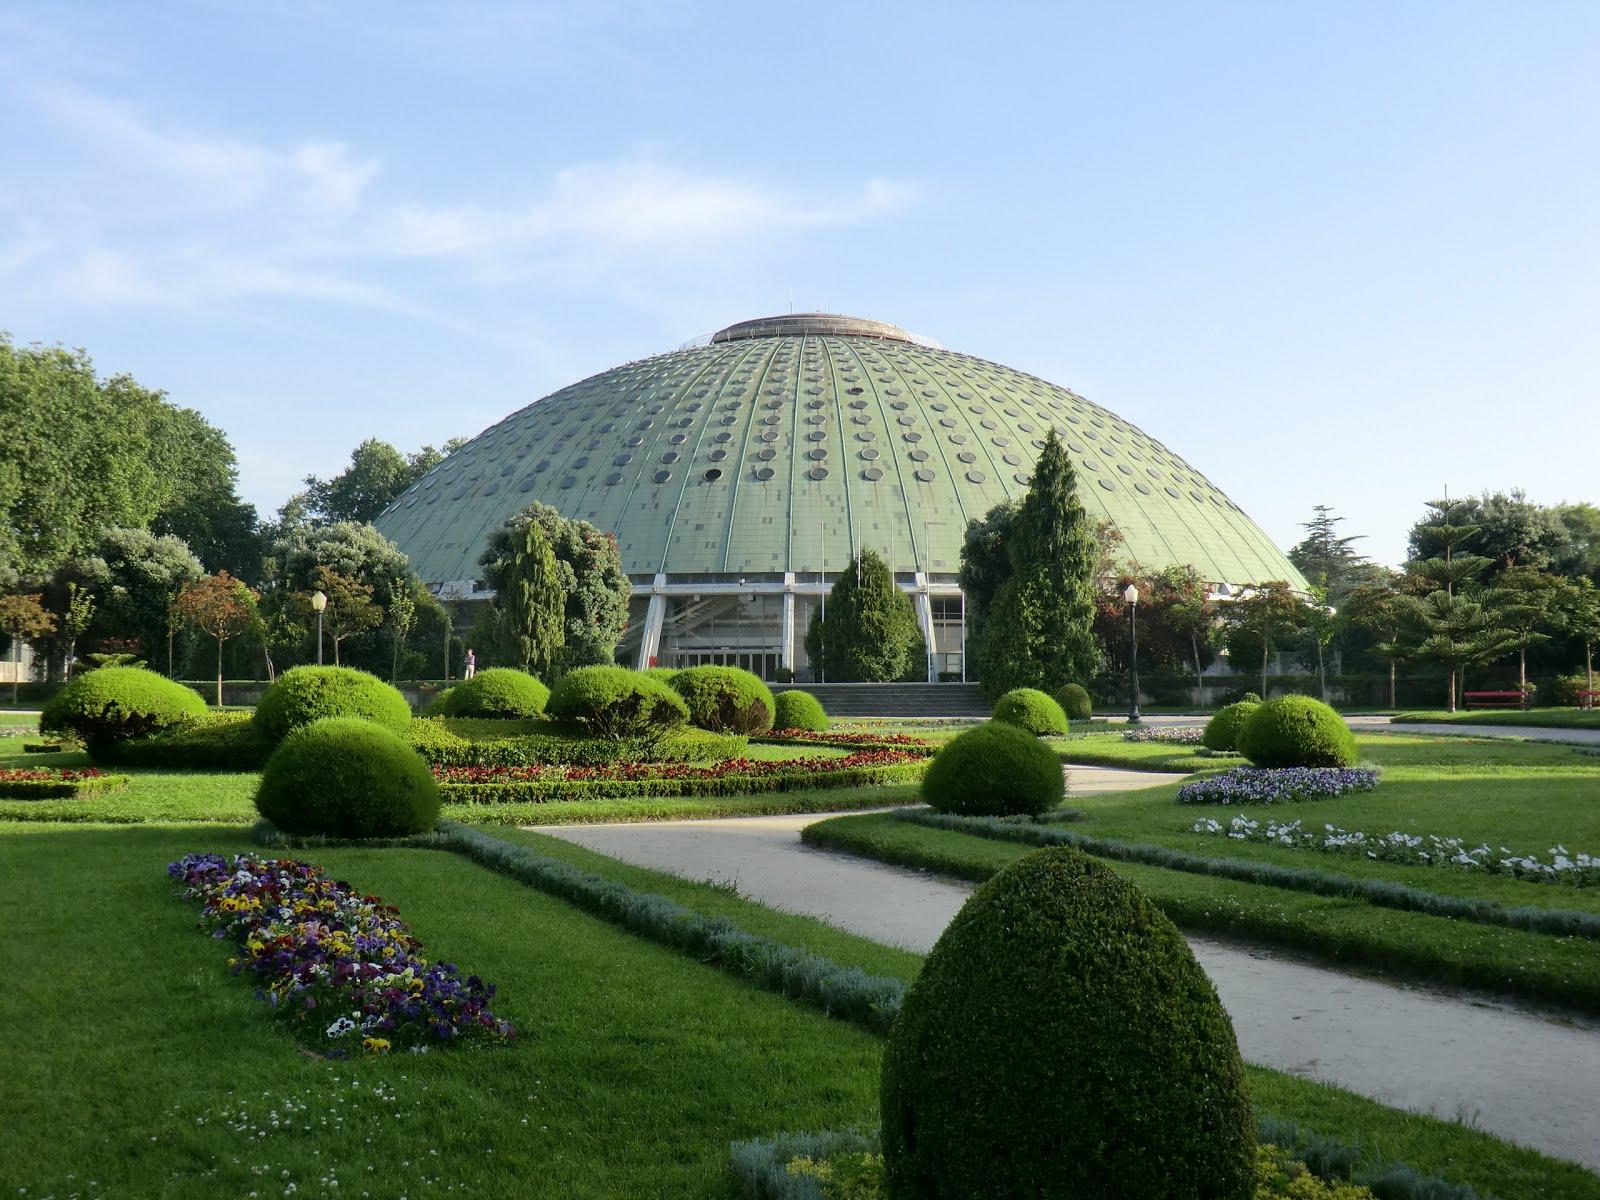 metido en jardines romanticismo en oporto jardines del